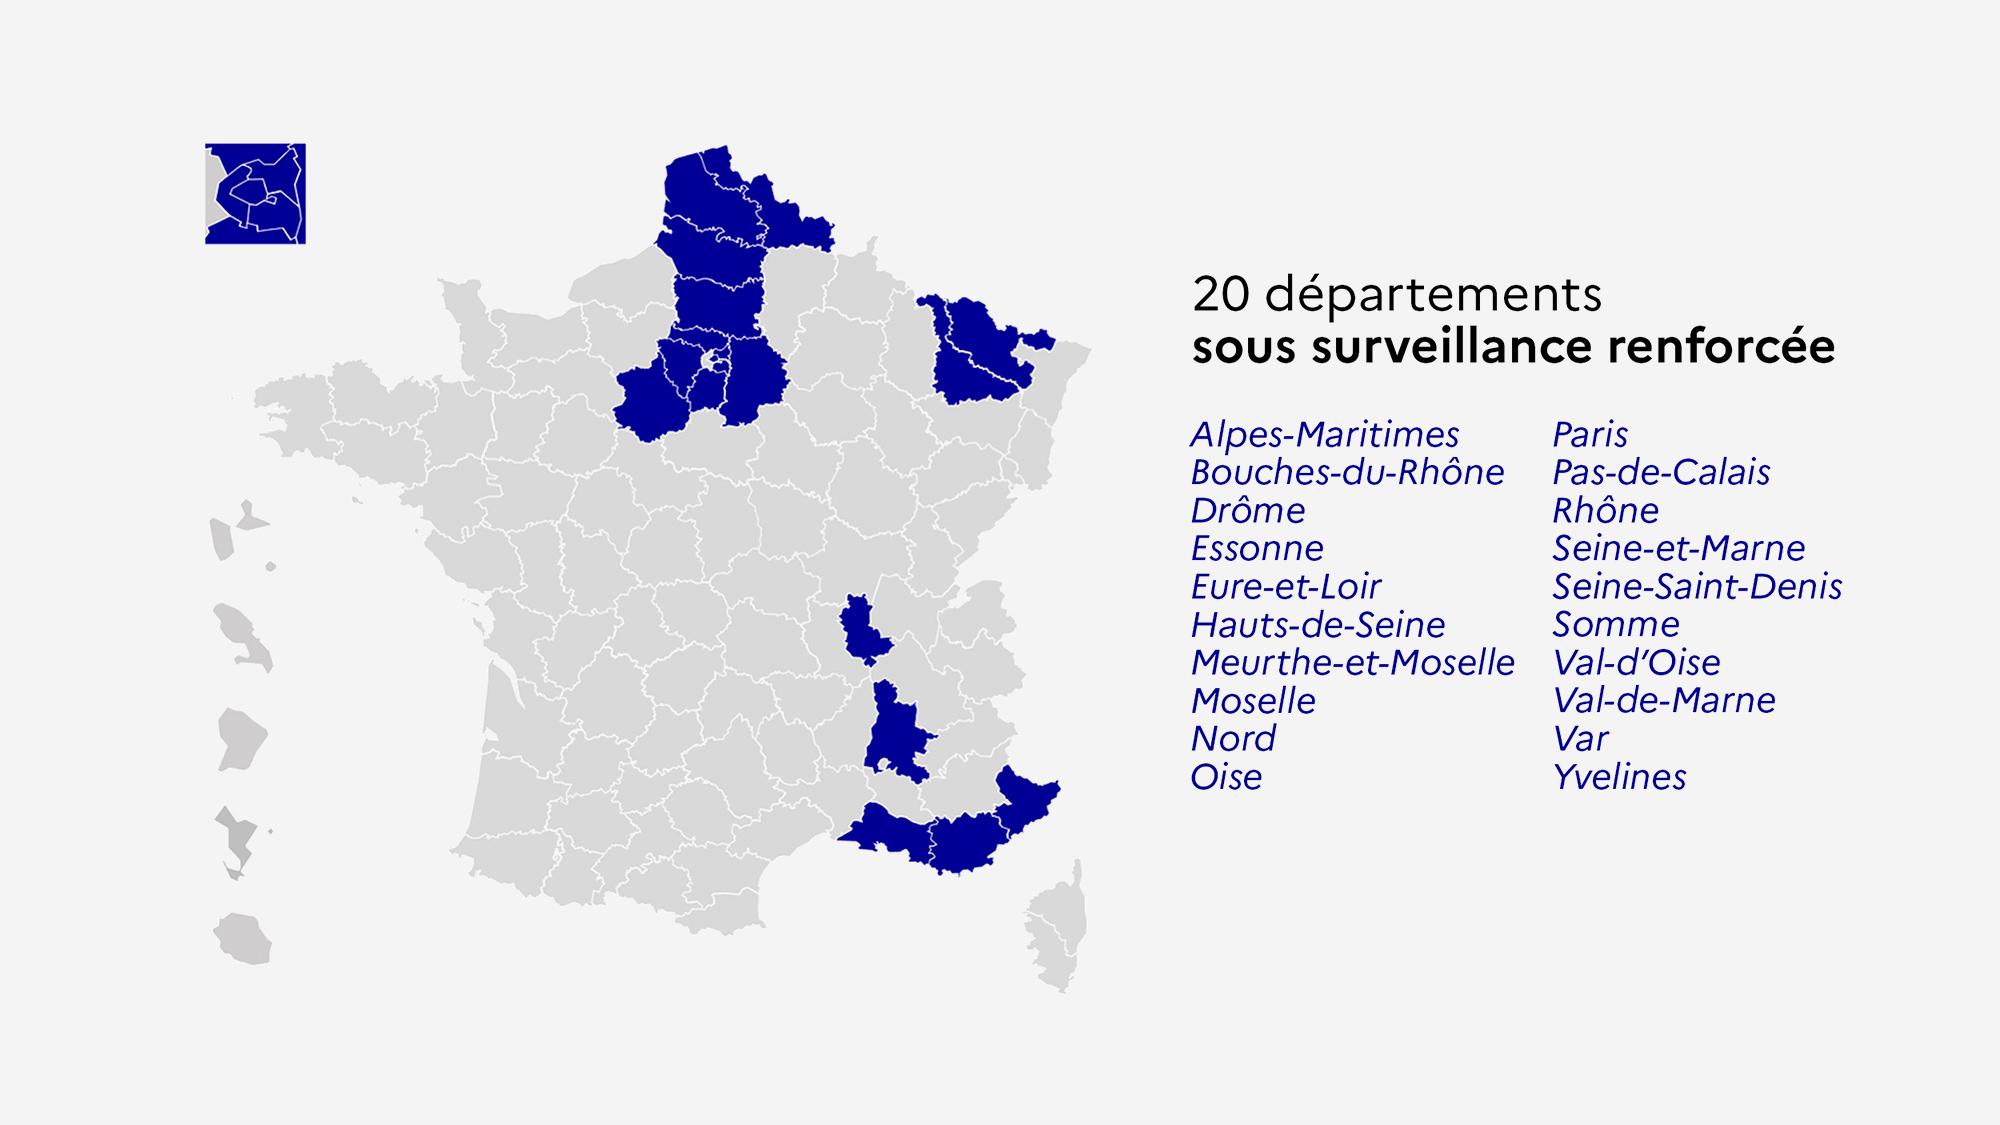 Carte des 20 départements sous surveillance